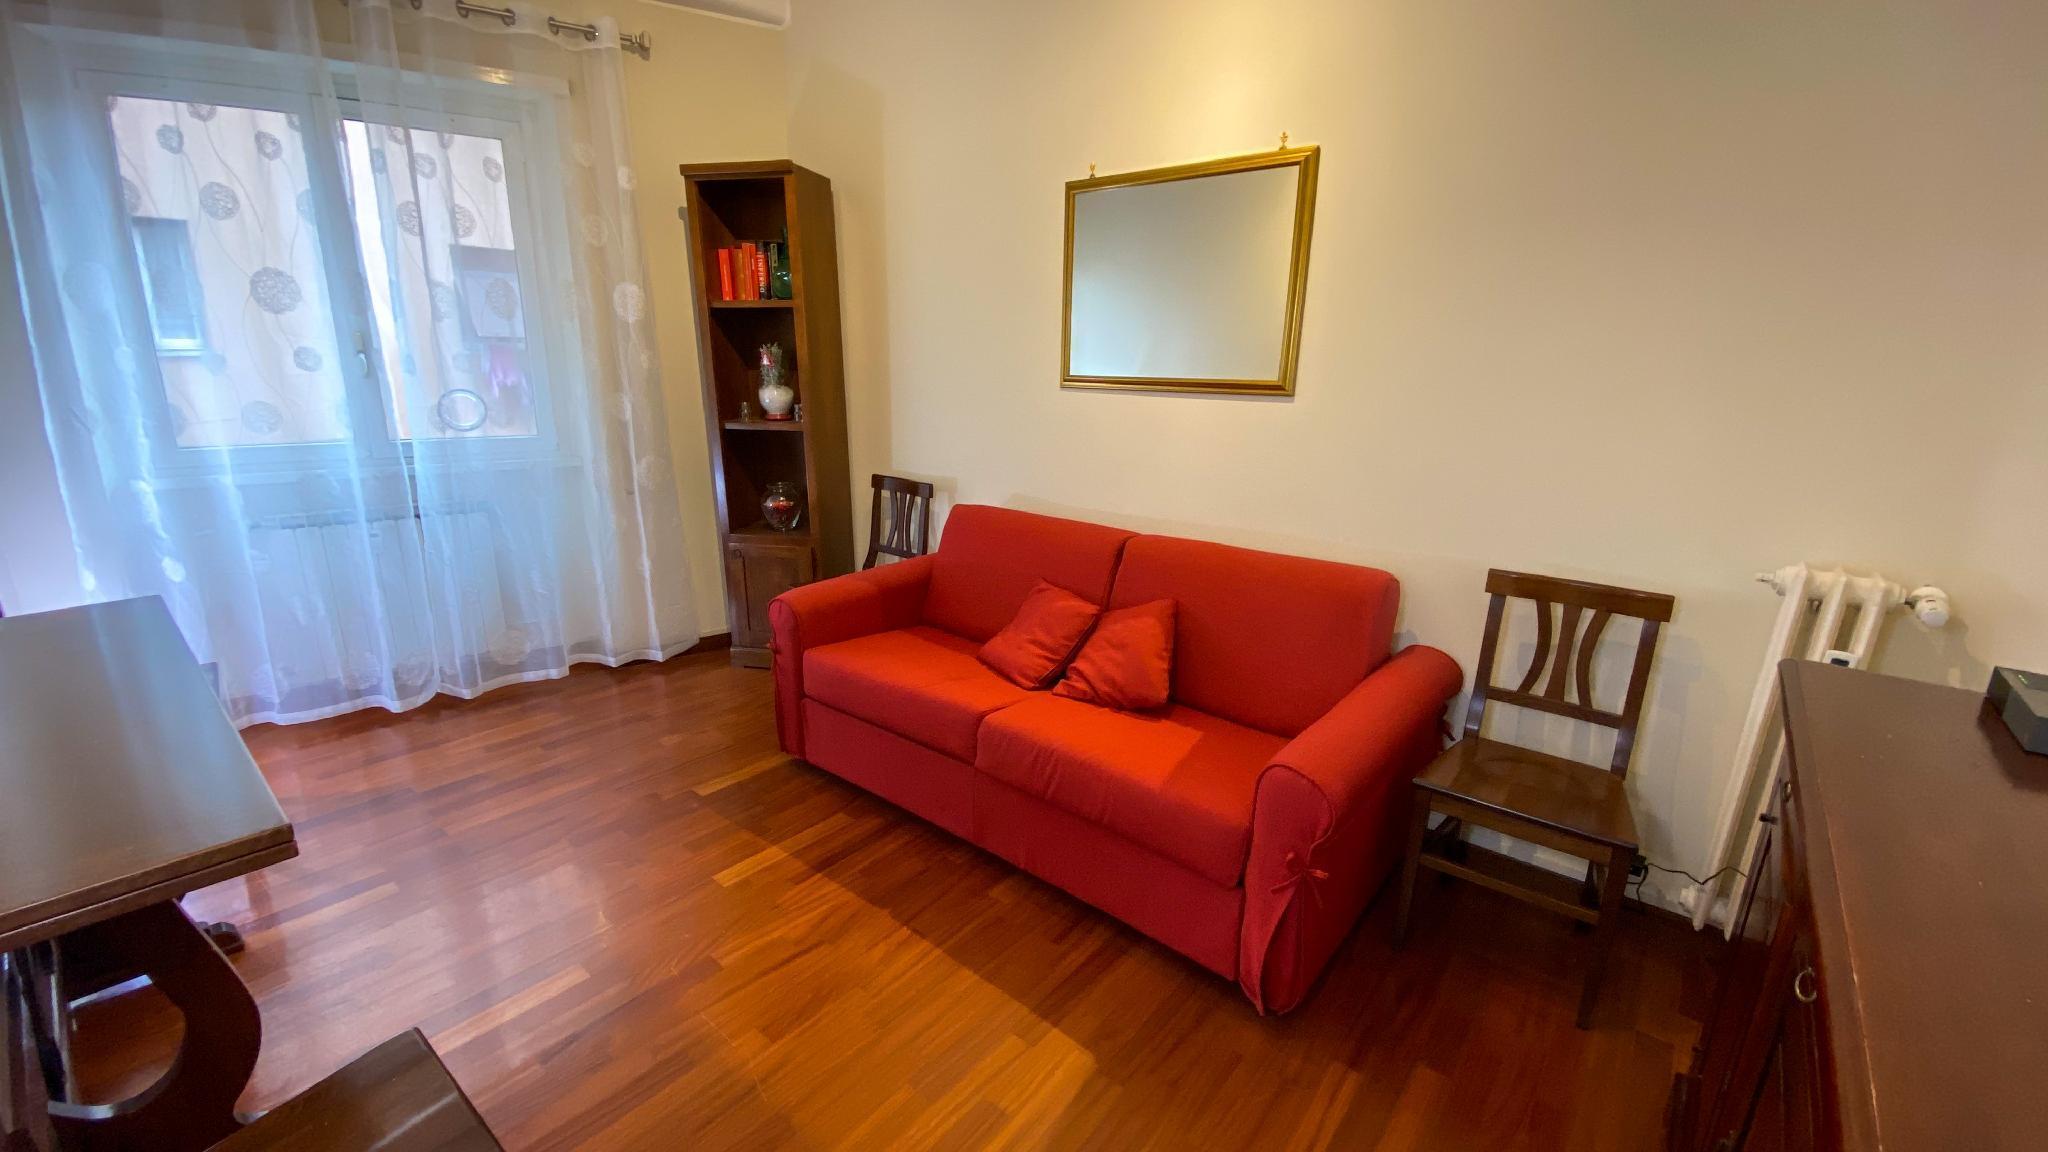 Appartamento a due passi da San Pietro - La Dimora